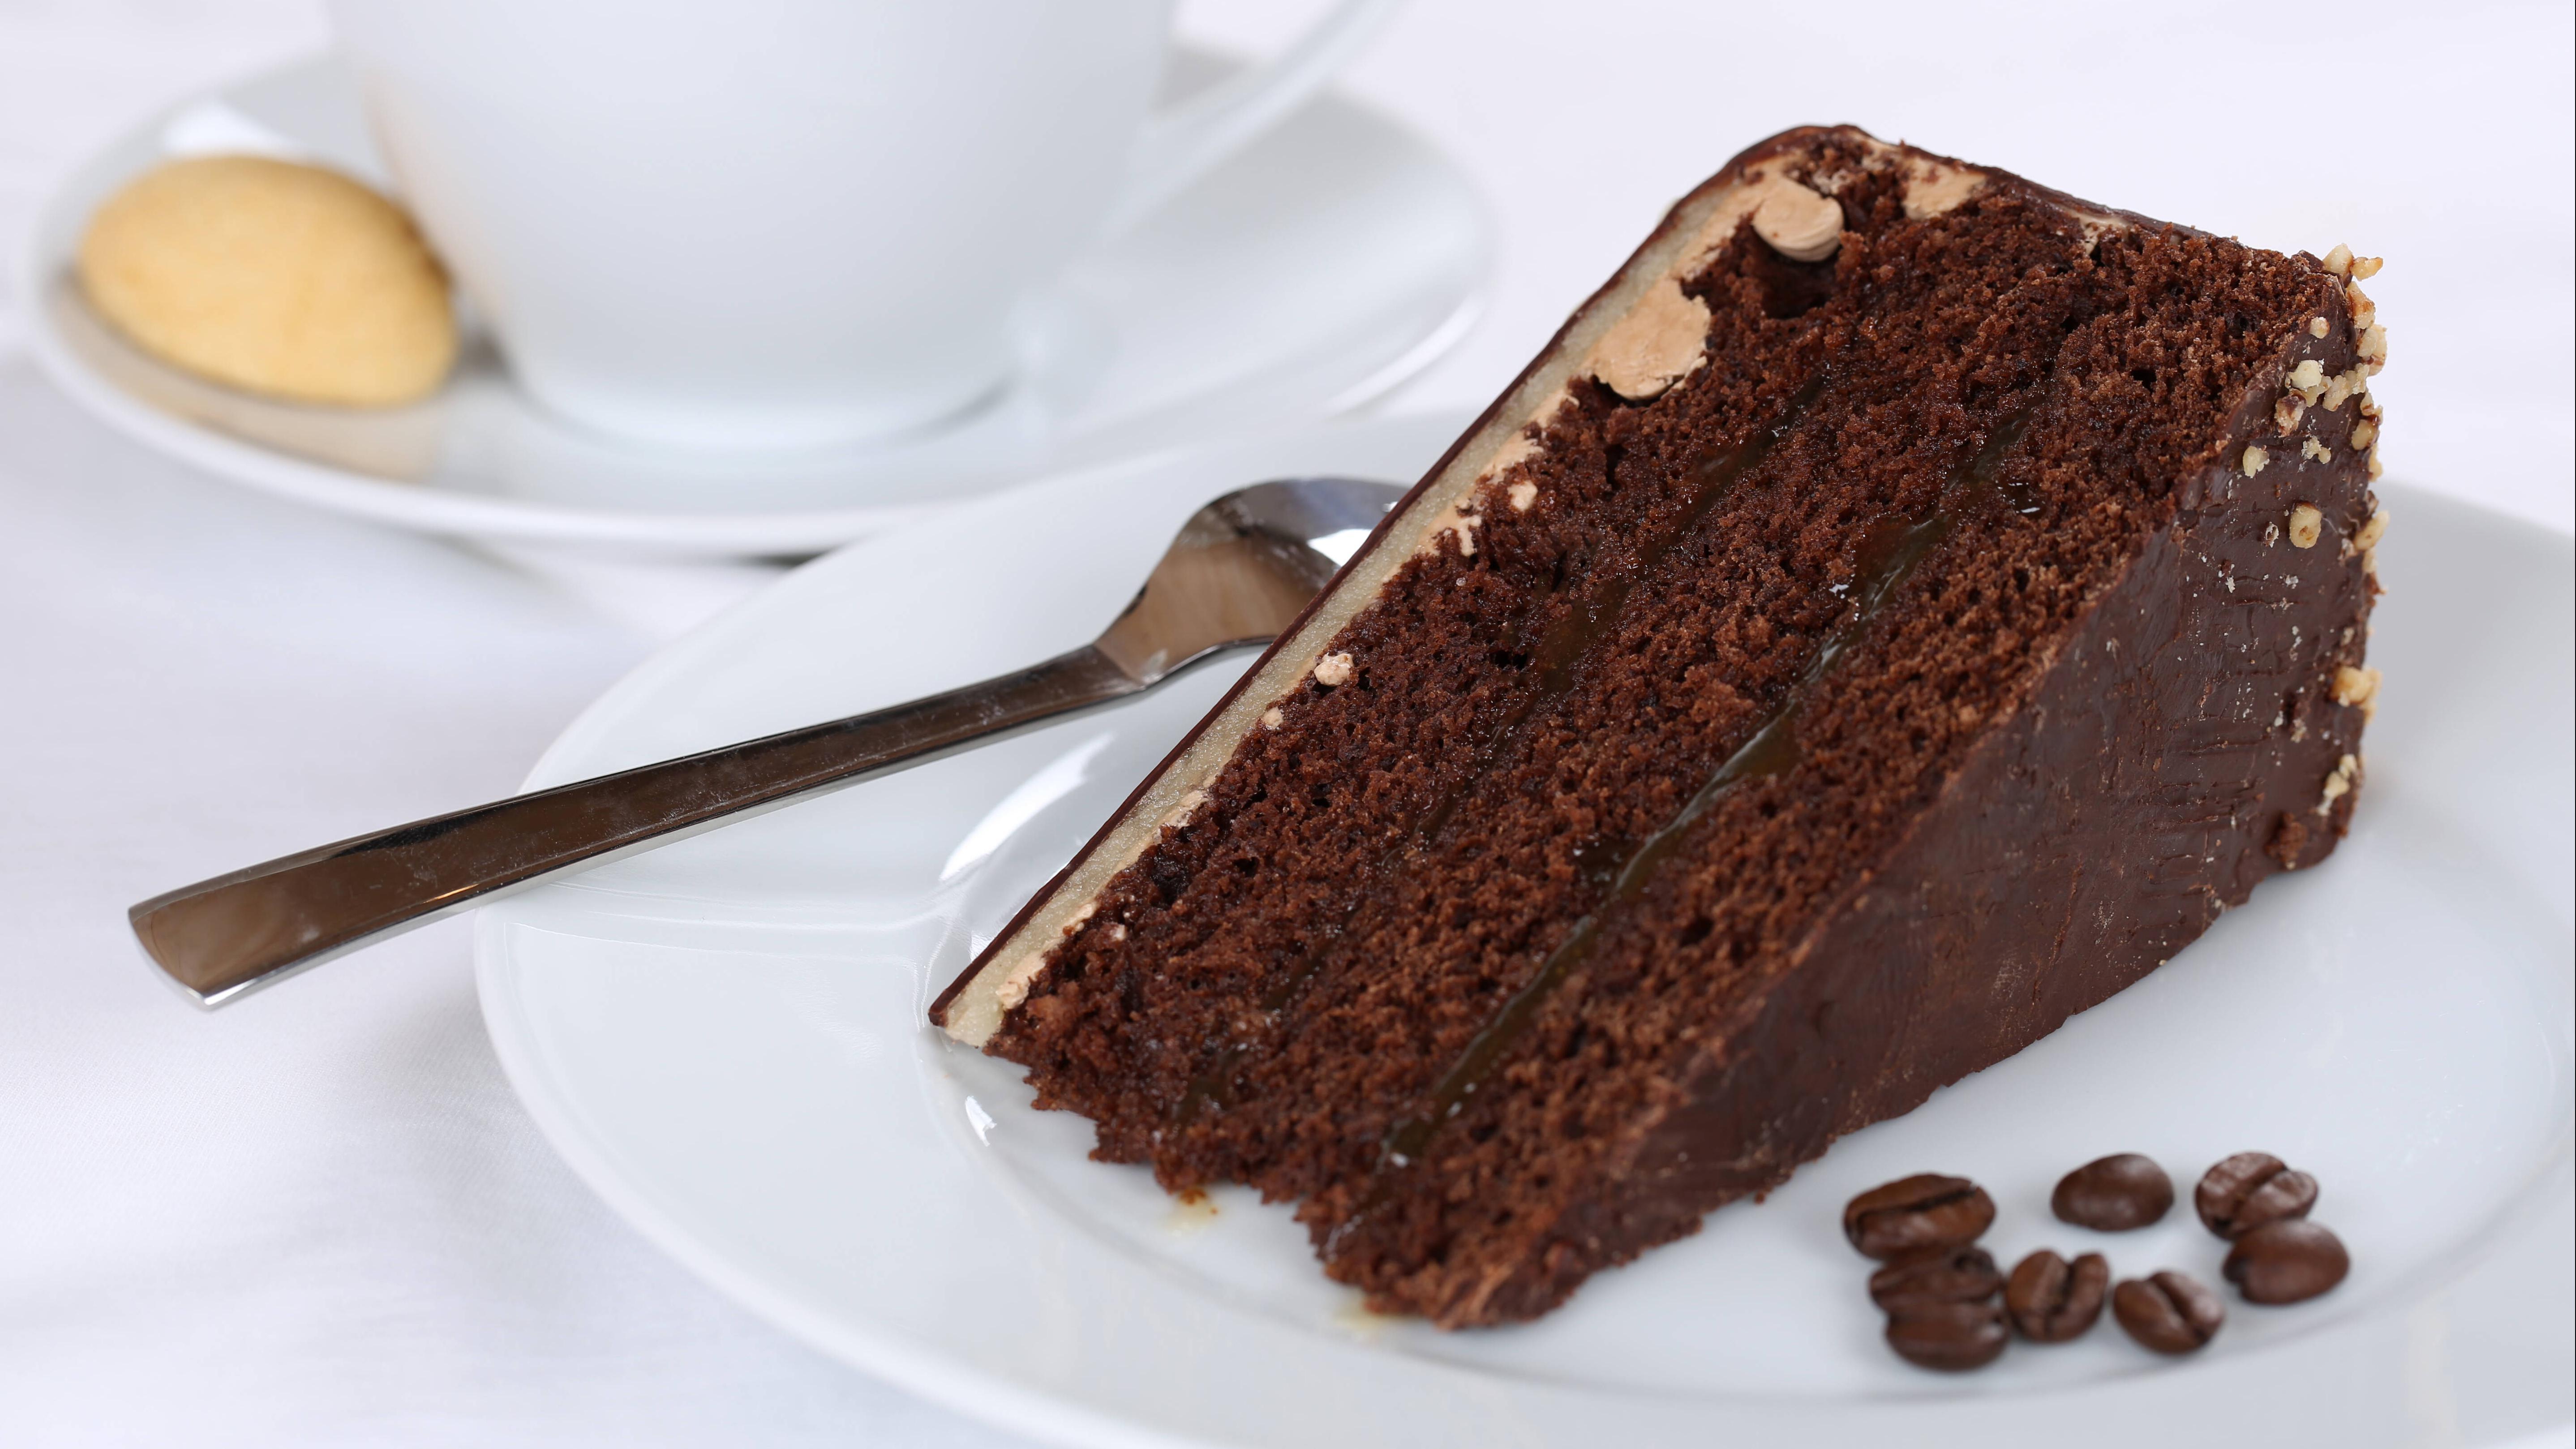 Auf Ihre geliebten Schokoladendesserts müssen Sie nicht gänzlich verzichten. In kleinen Mengen sind sie auch dann ok, wenn Sie abnehmen möchten.